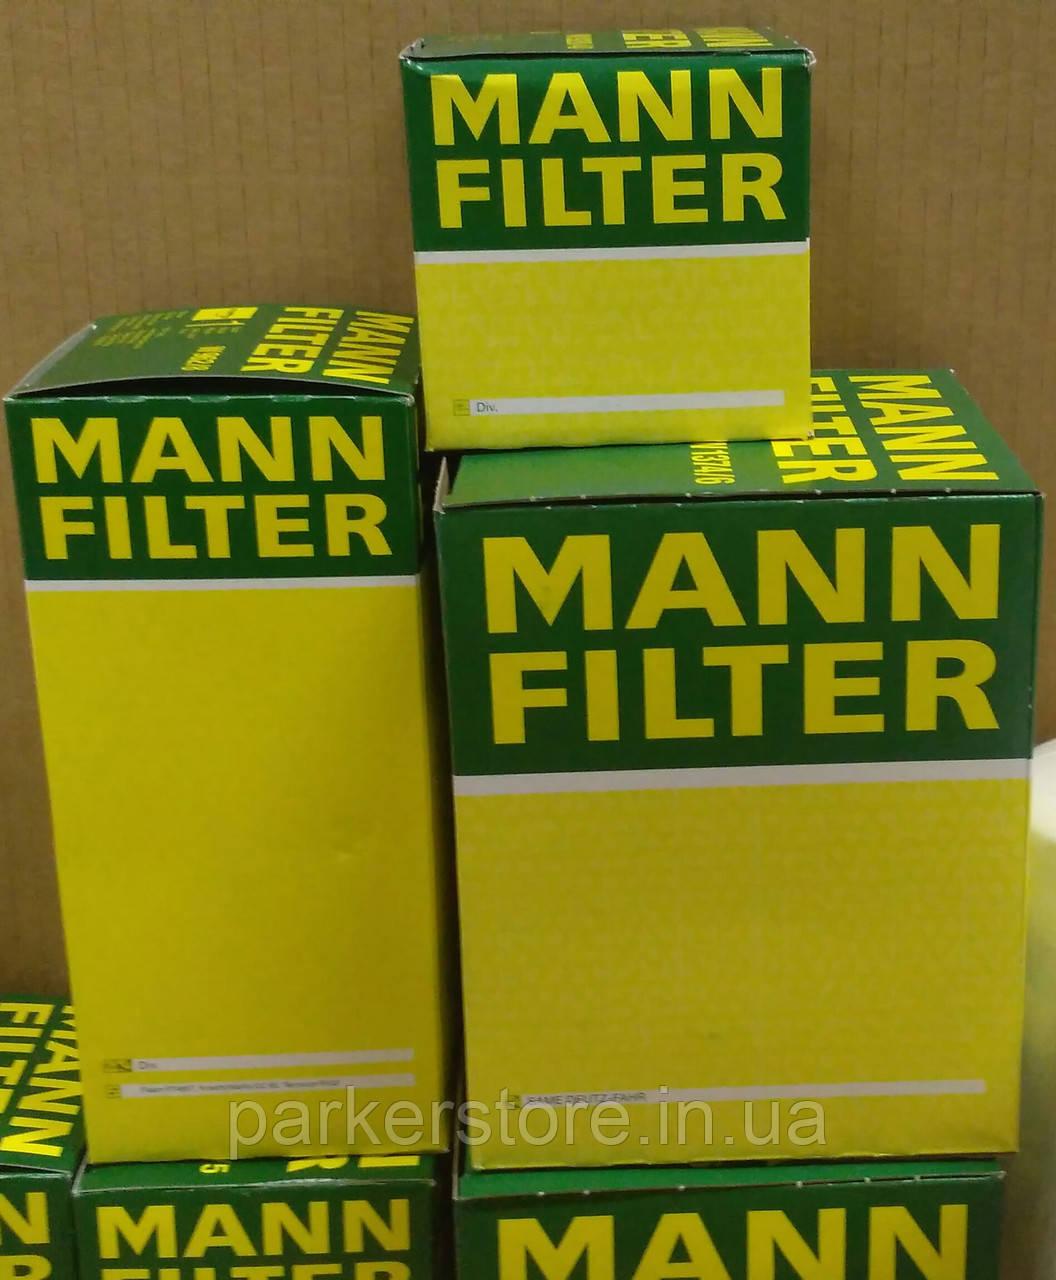 MANN FILTER / Повітряний фільтр / C 26 138/1 KIT / C26138/1KIT